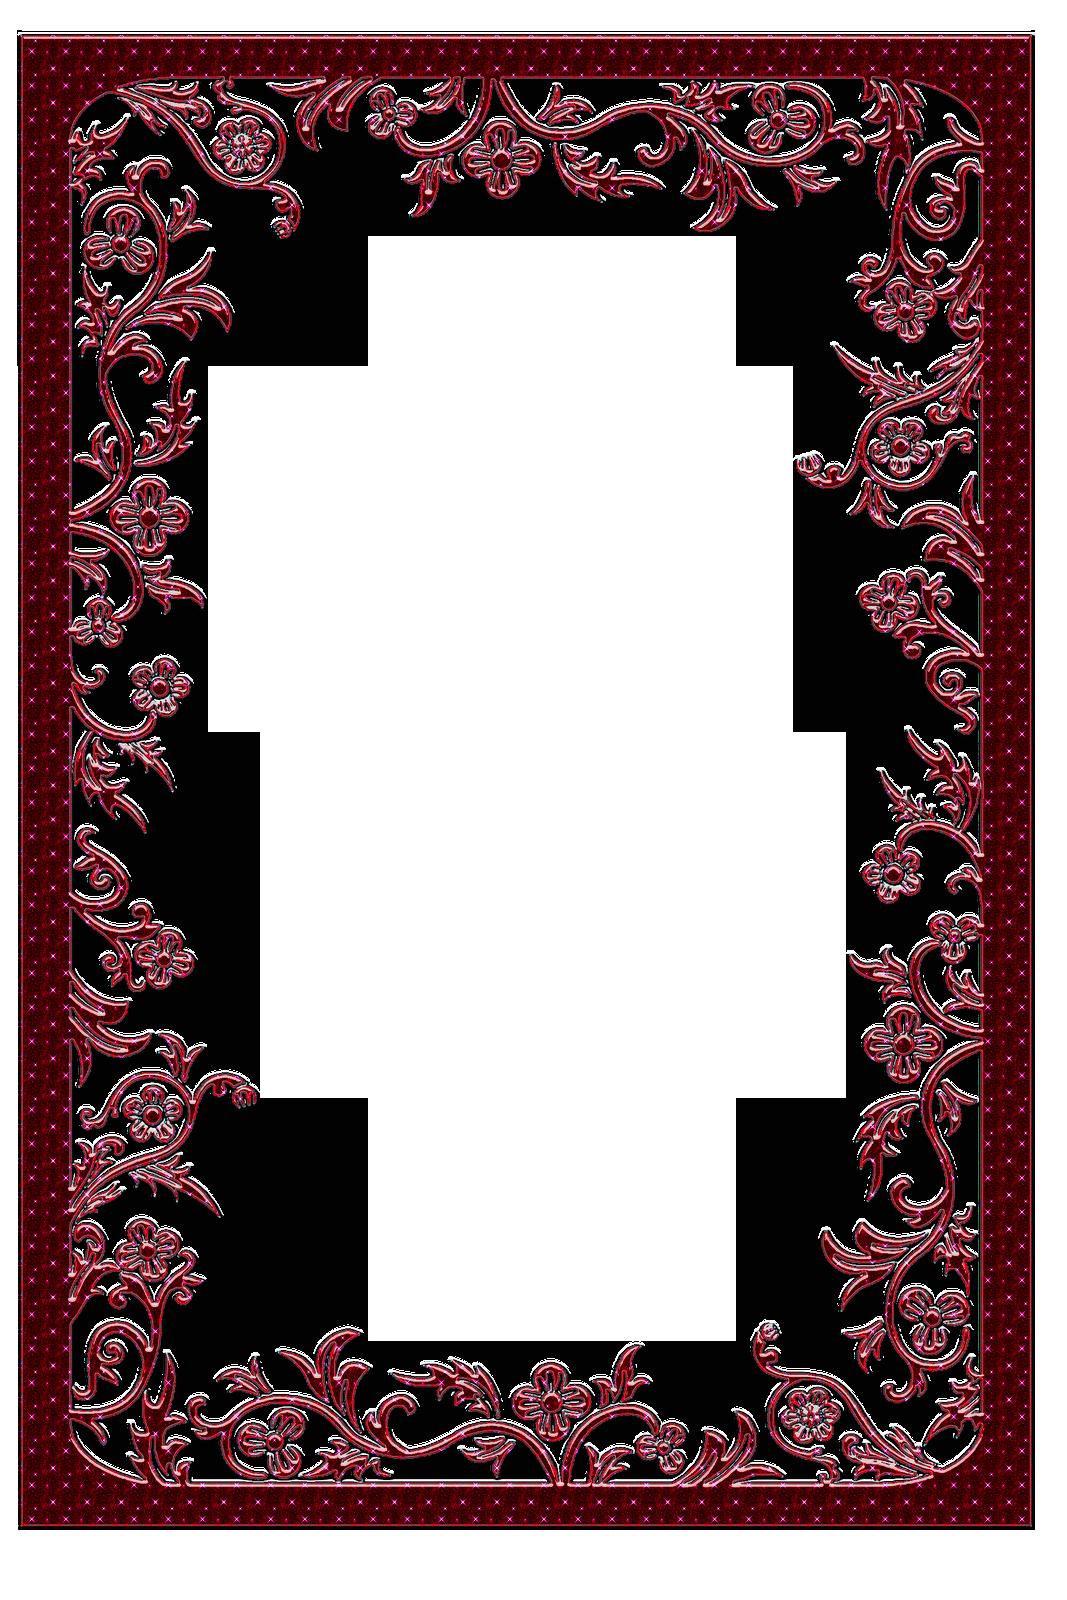 Large Red Transparent Frame Frames I might use